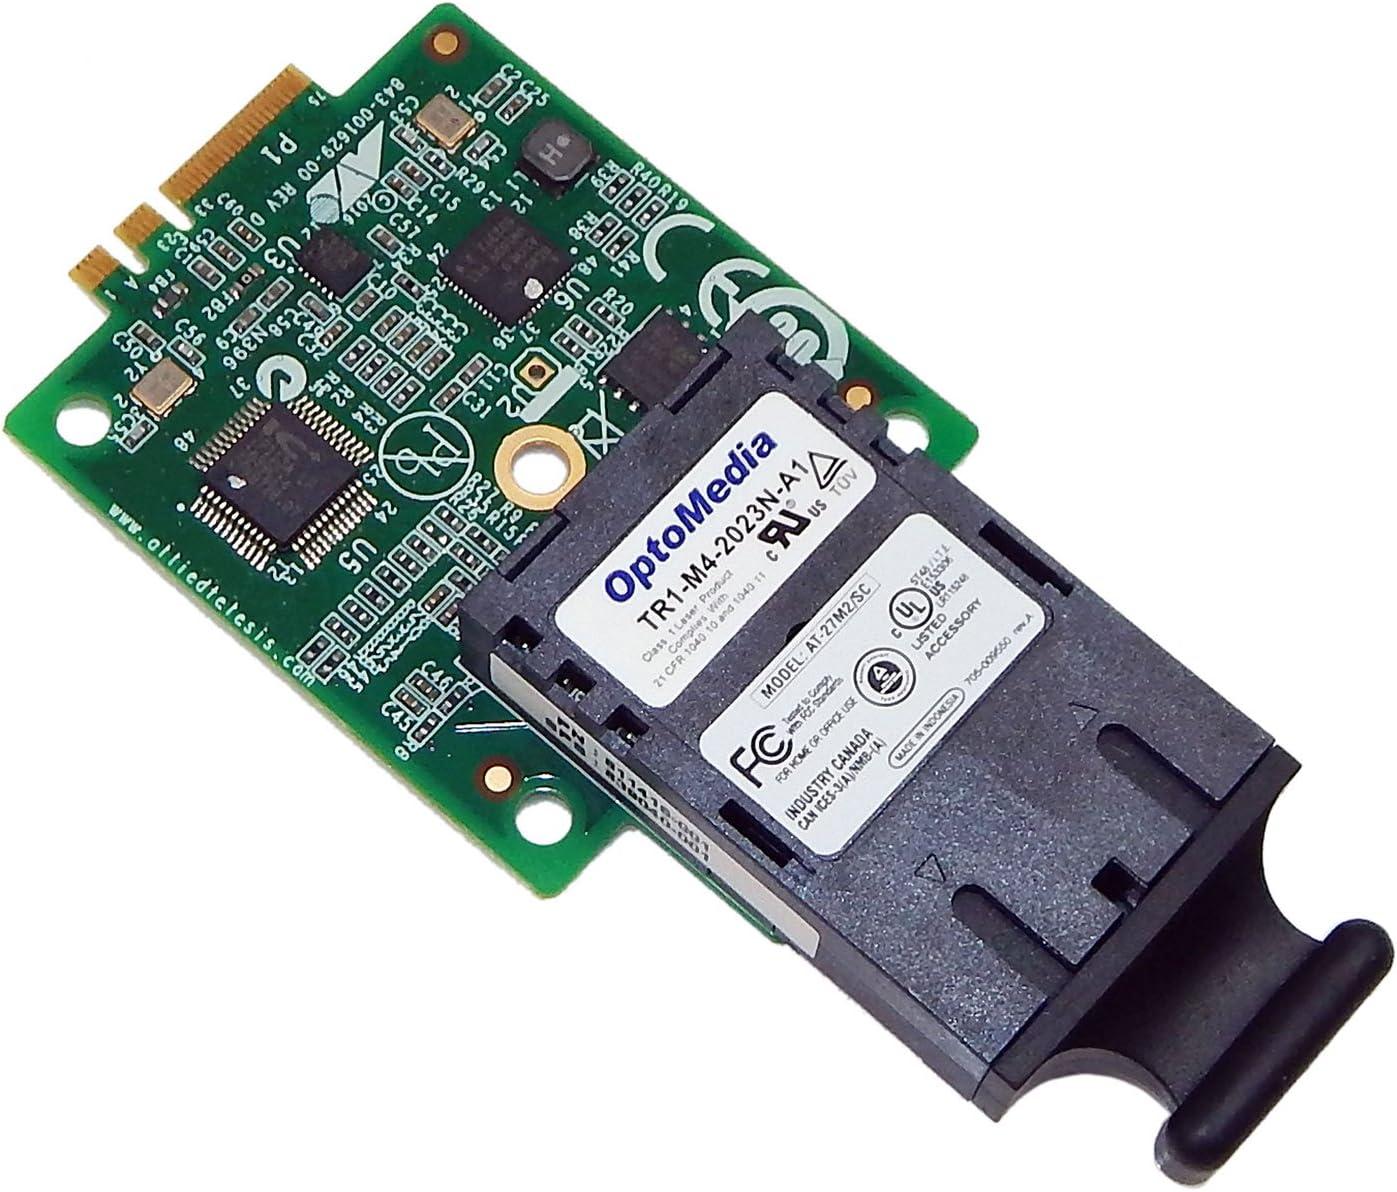 HP Allied Telesis AT-27M2-SC MultiMode NIC 990-004931-001 AT-27M2//SC-AA-001 M.2 SC